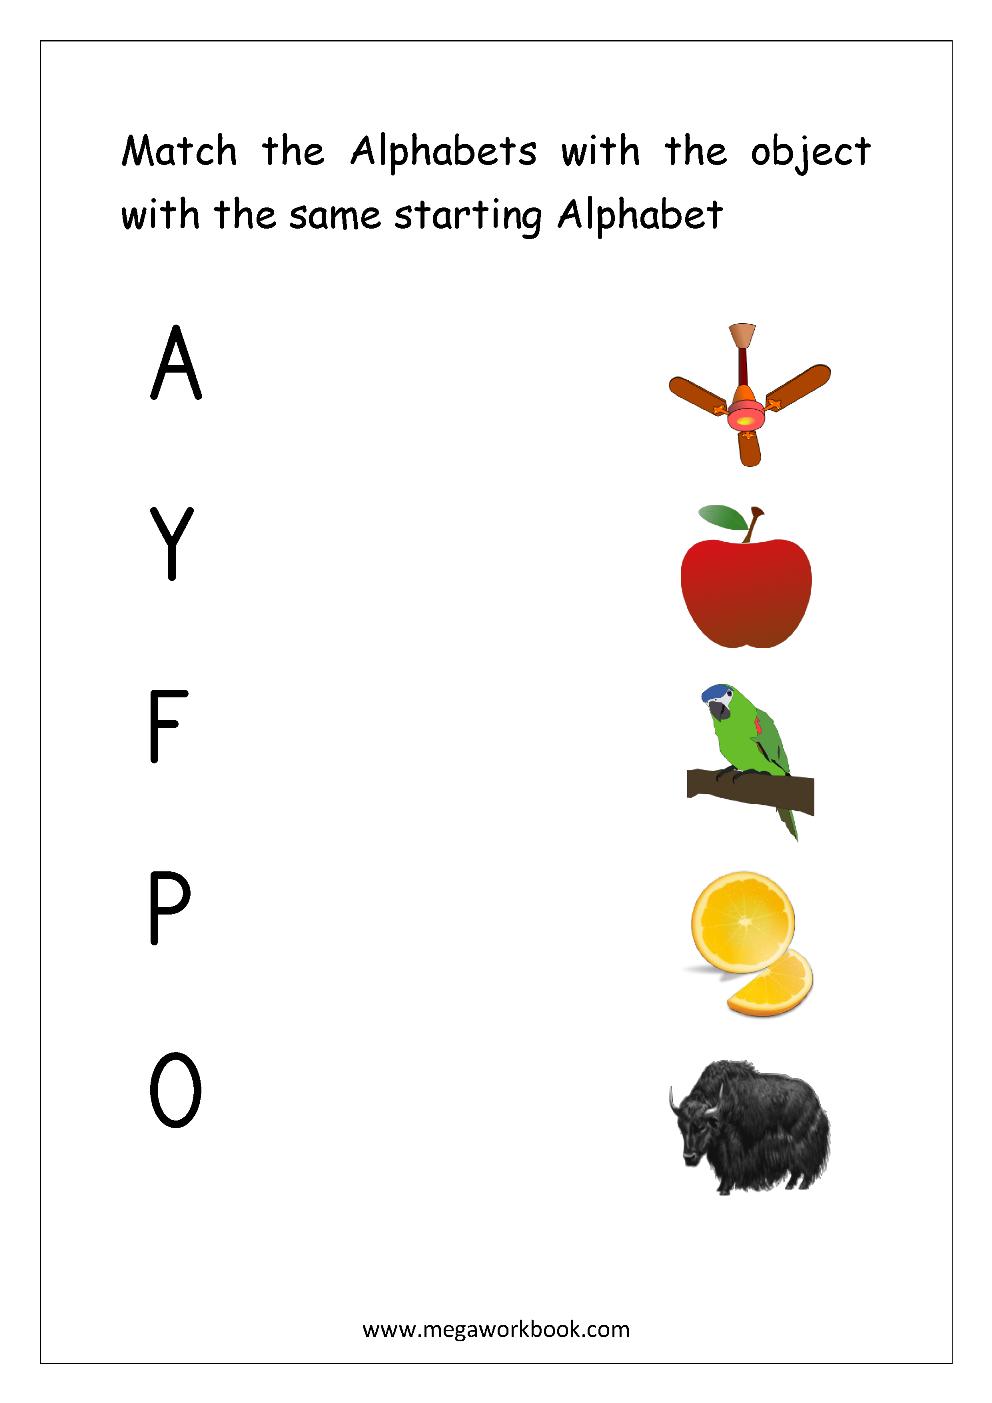 Free English Worksheets - Alphabet Matching - Megaworkbook for Alphabet Matching Worksheets For Kindergarten Pdf